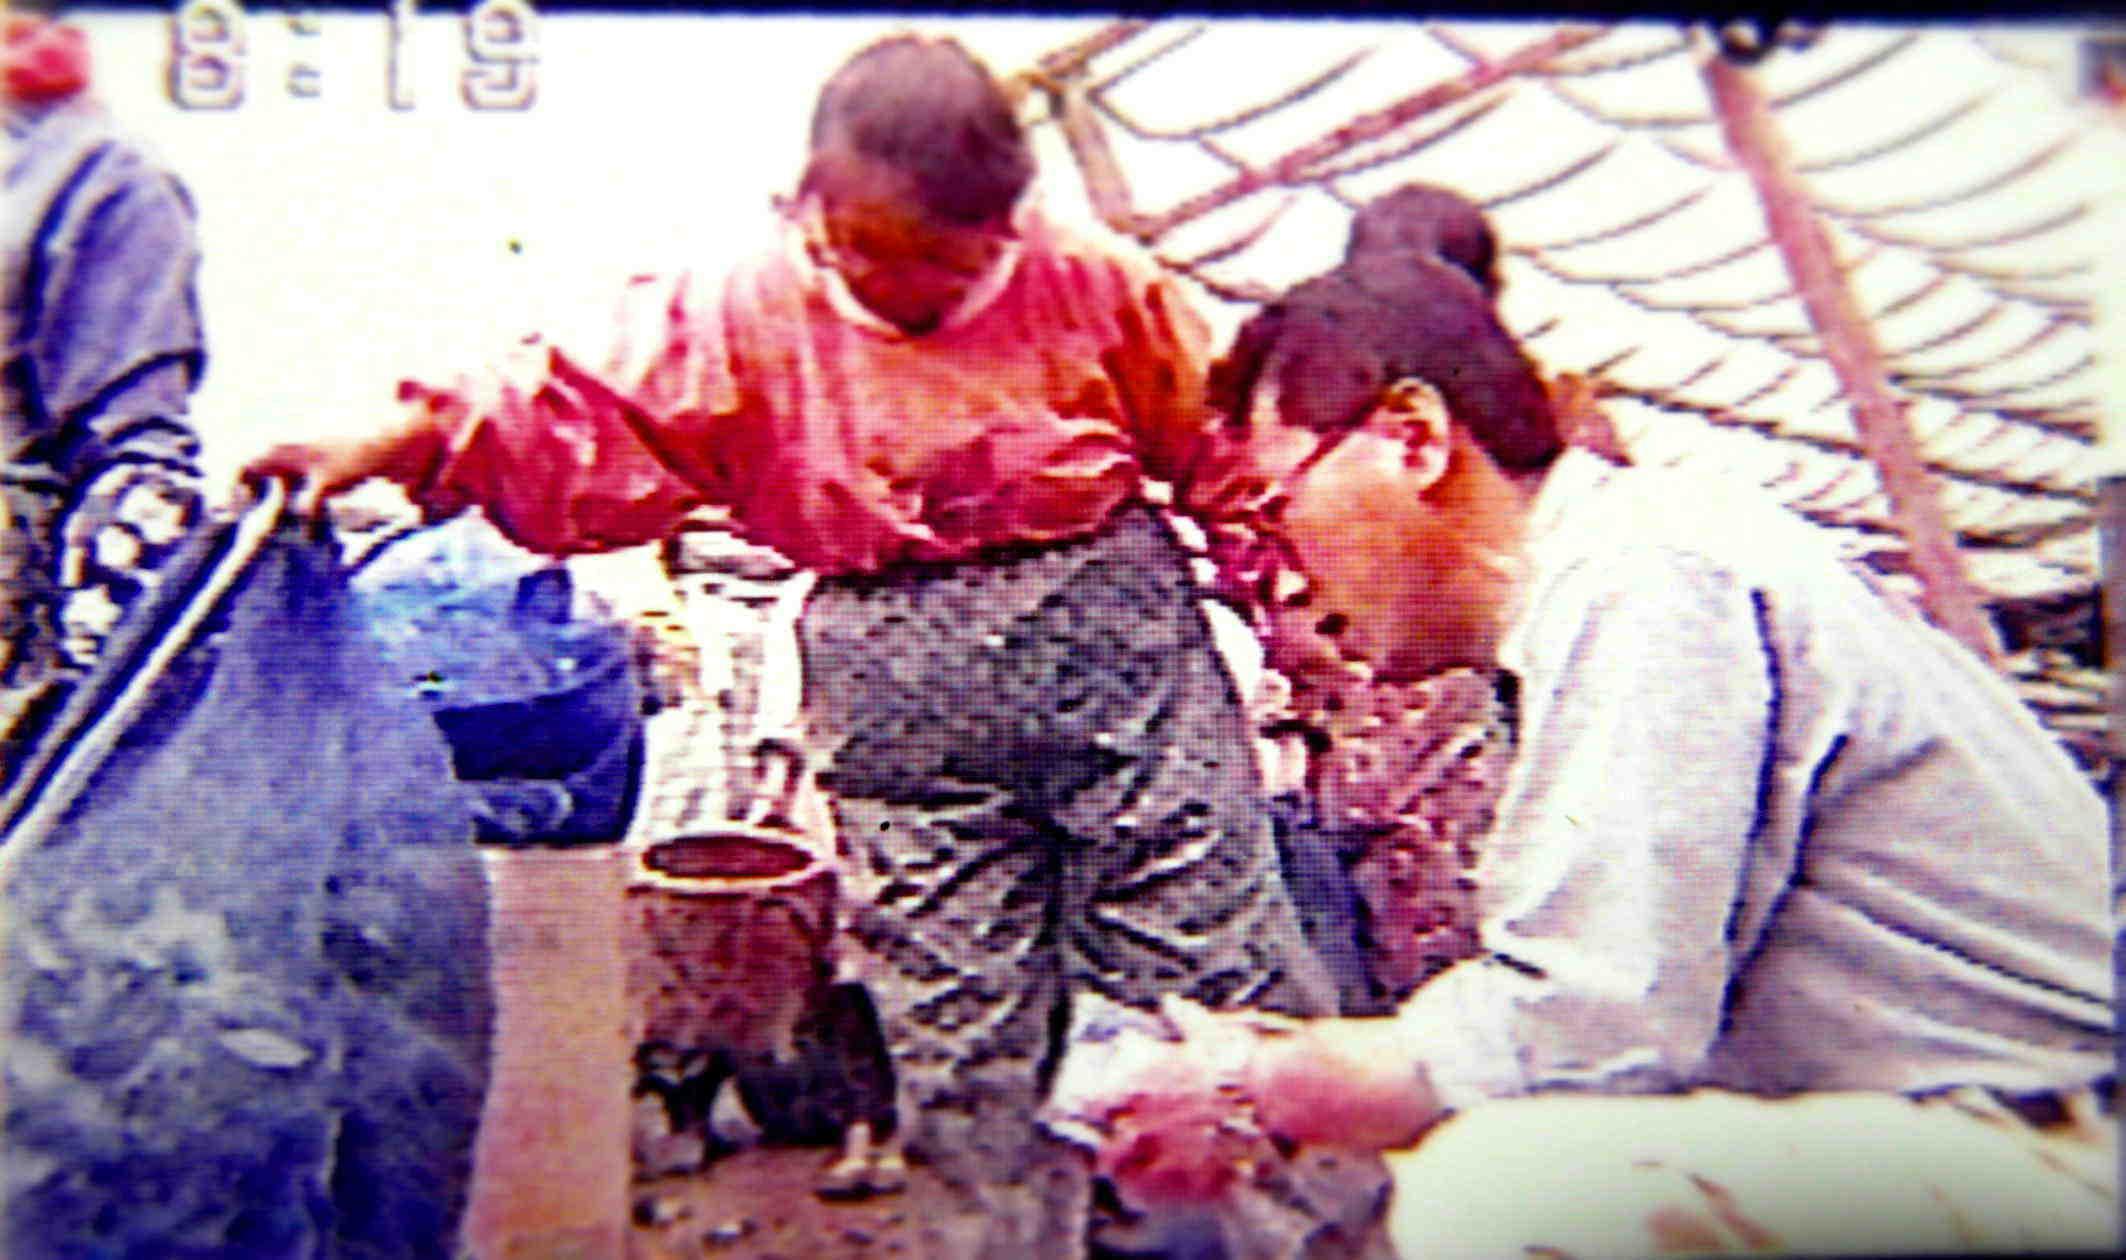 お茶の伝統 人間の絆に新しい想いを織り込んでいく   Tea tradition Add new feelings to the deep bond between humans. _a0391480_19514975.jpg